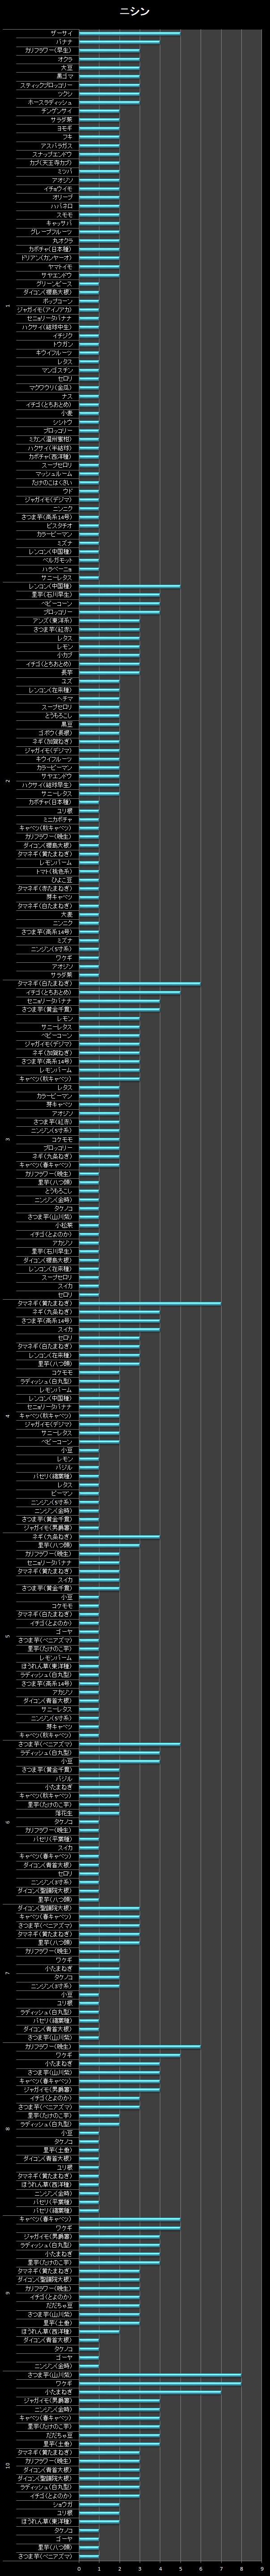 横棒グラフ/ニシン